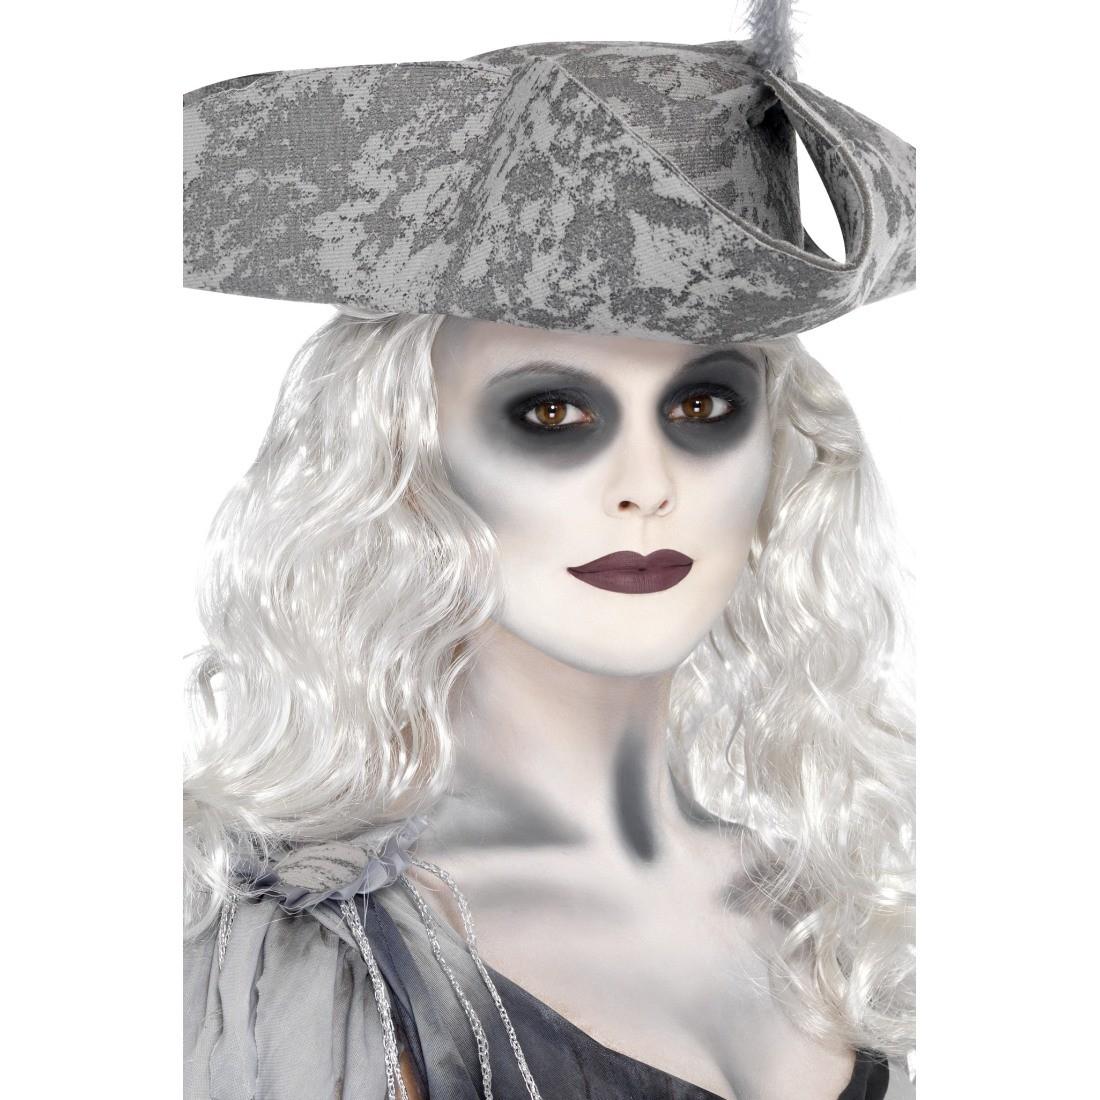 Piratenschminke Geister Piraten Schminke Geist Make Up Set Ghost